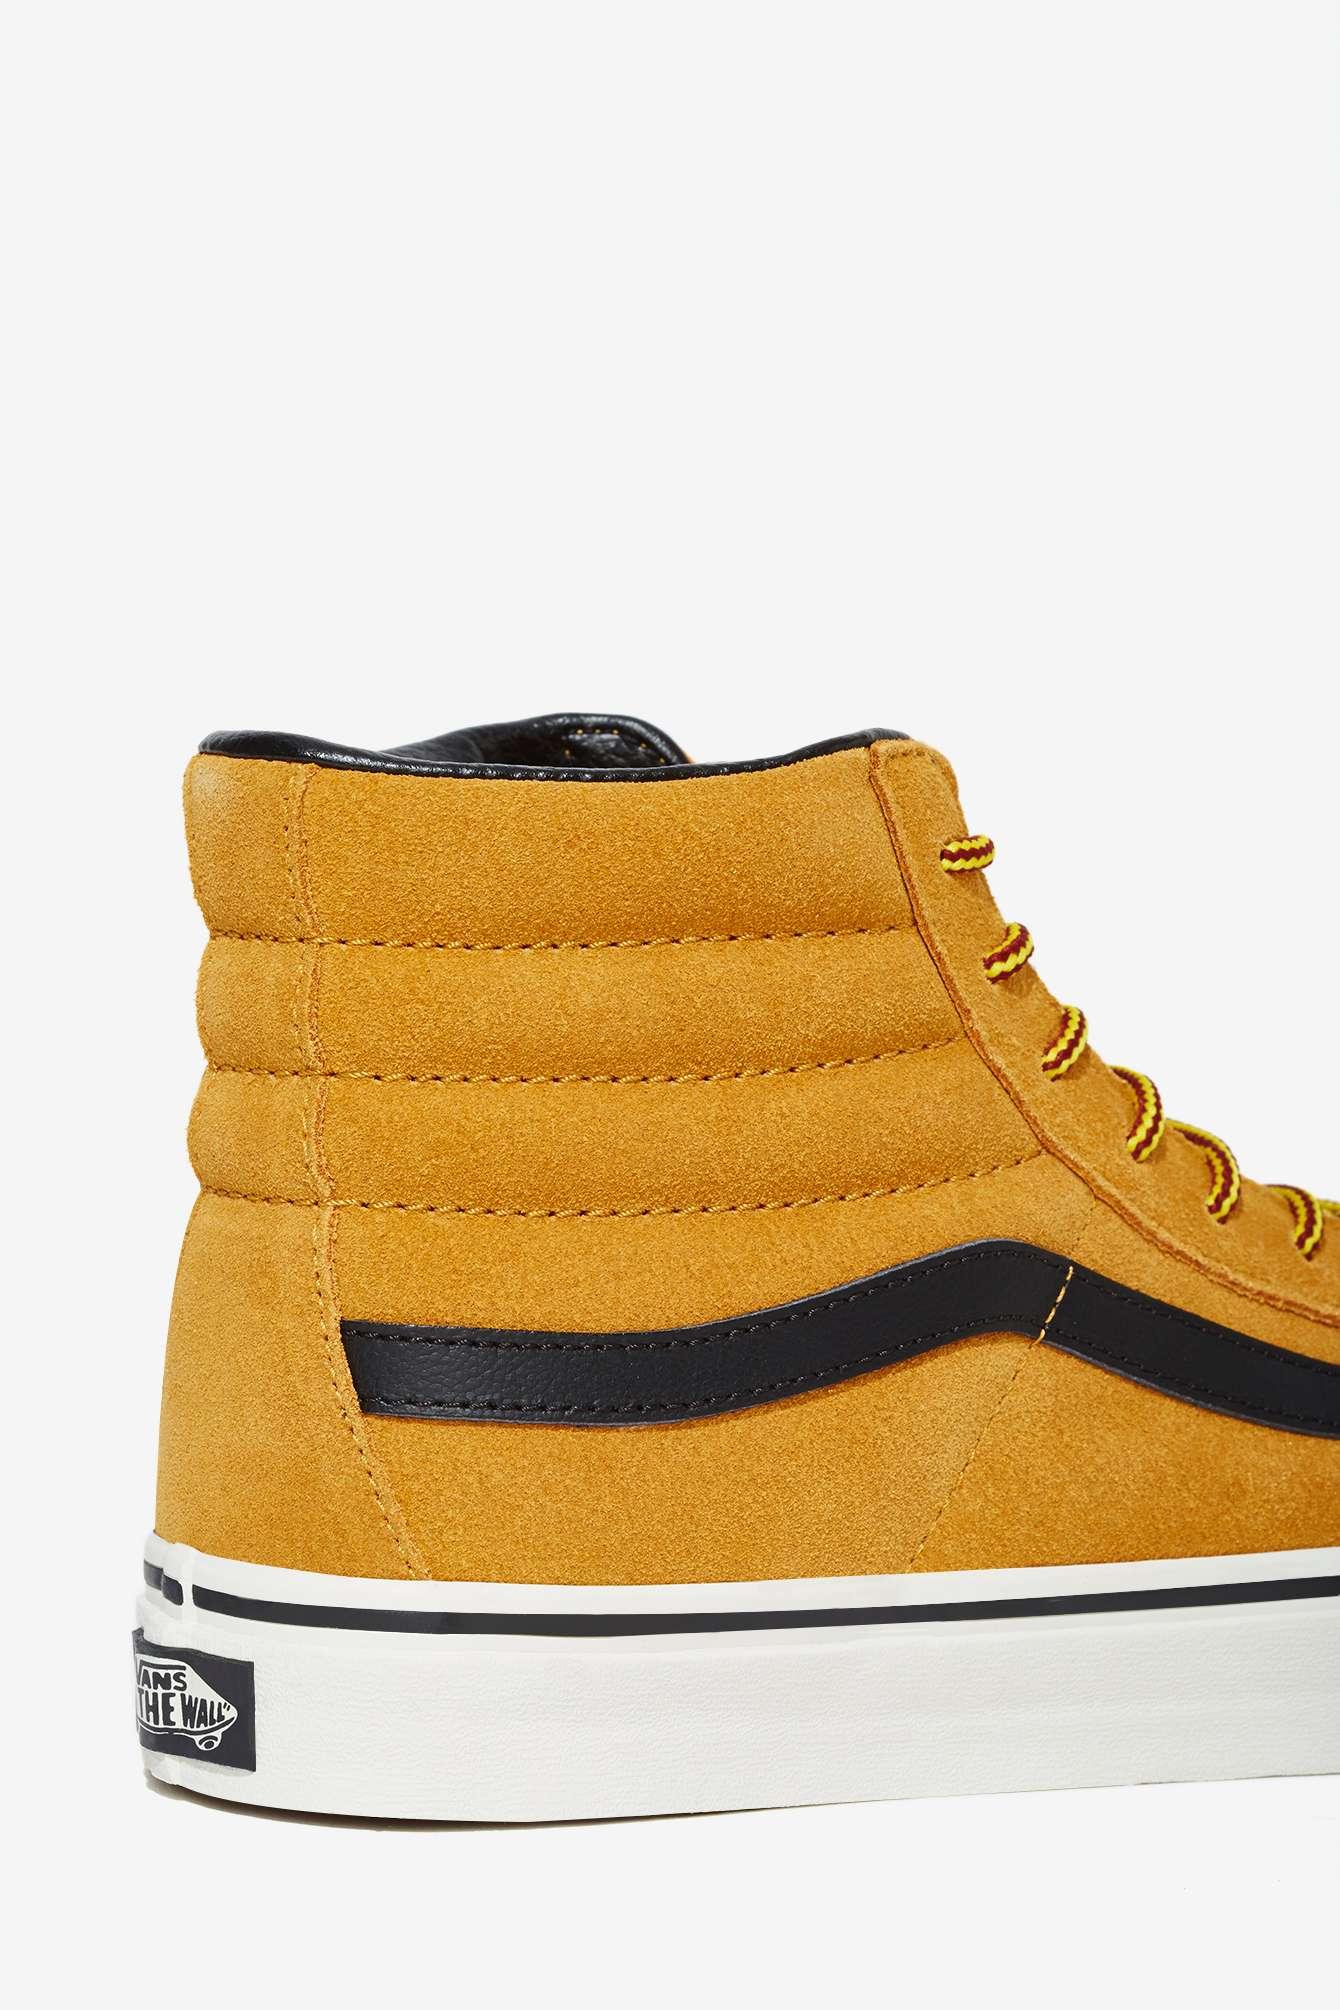 Lyst - Nasty Gal Vans Sk8-Hi Sneaker - Tan Suede in Brown eb9f77d60